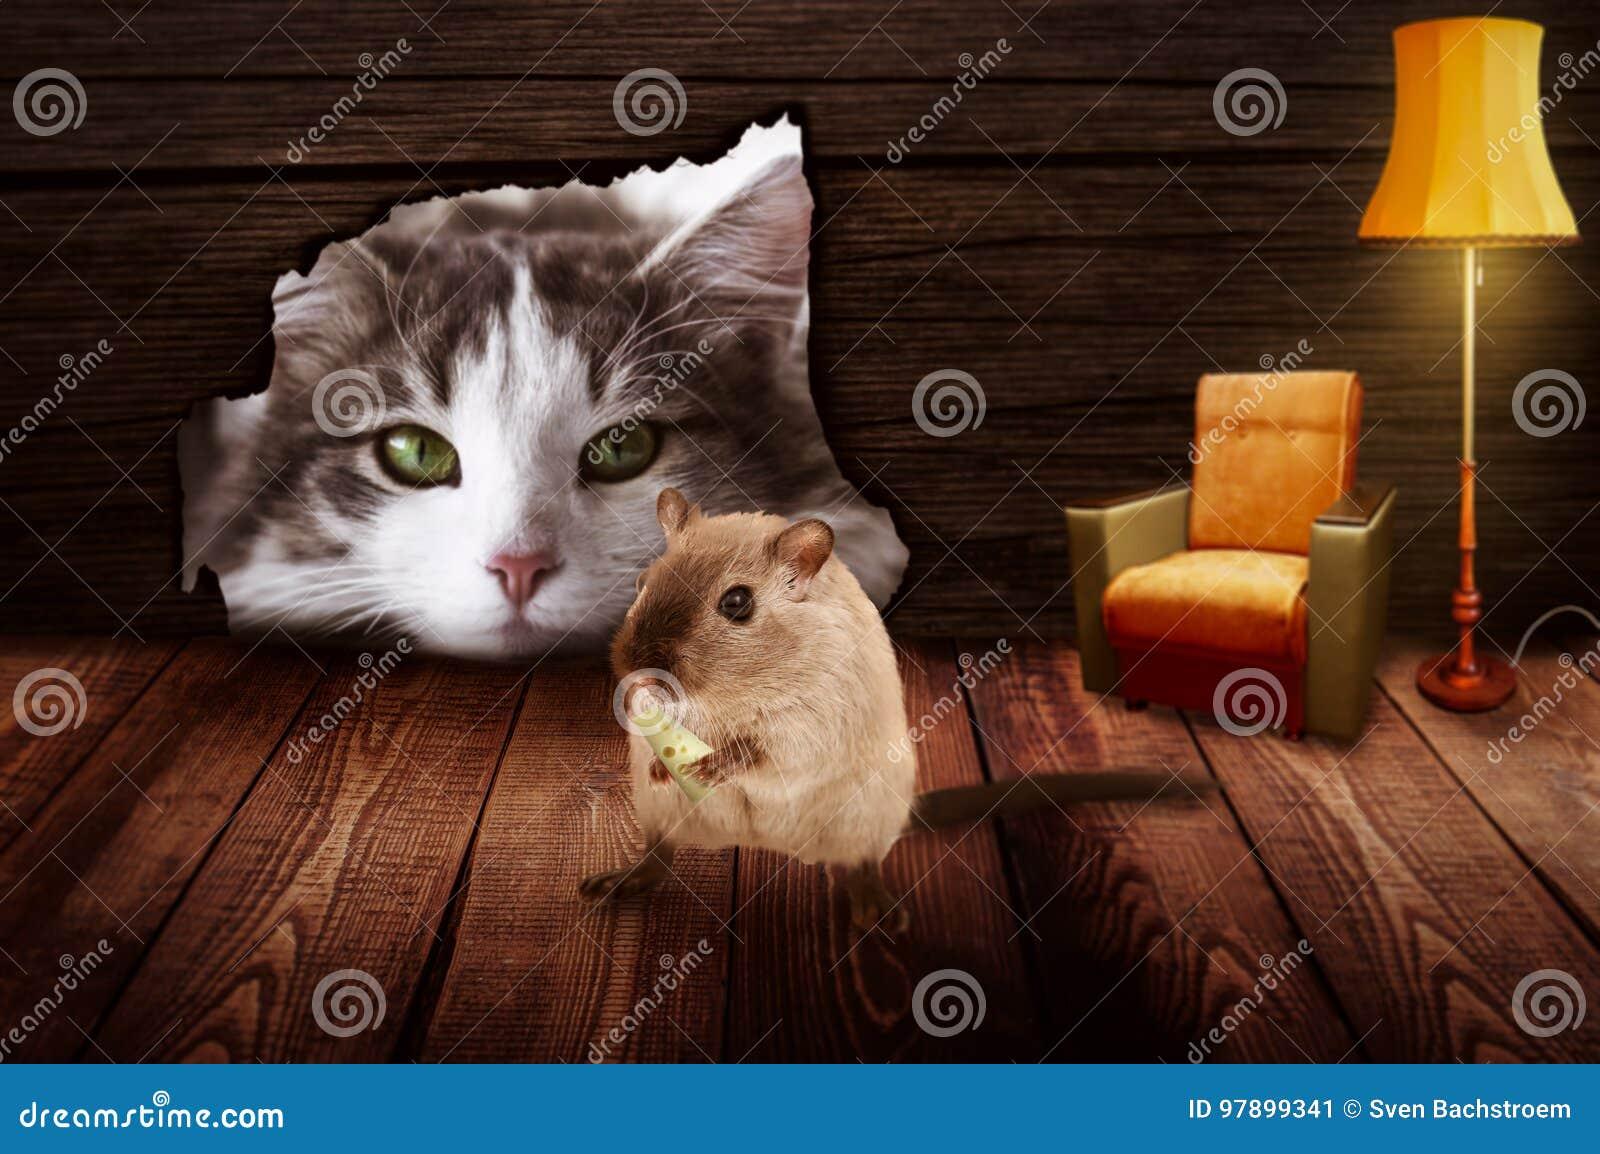 Кот сидит перед отверстием мыши и наблюдает мышью